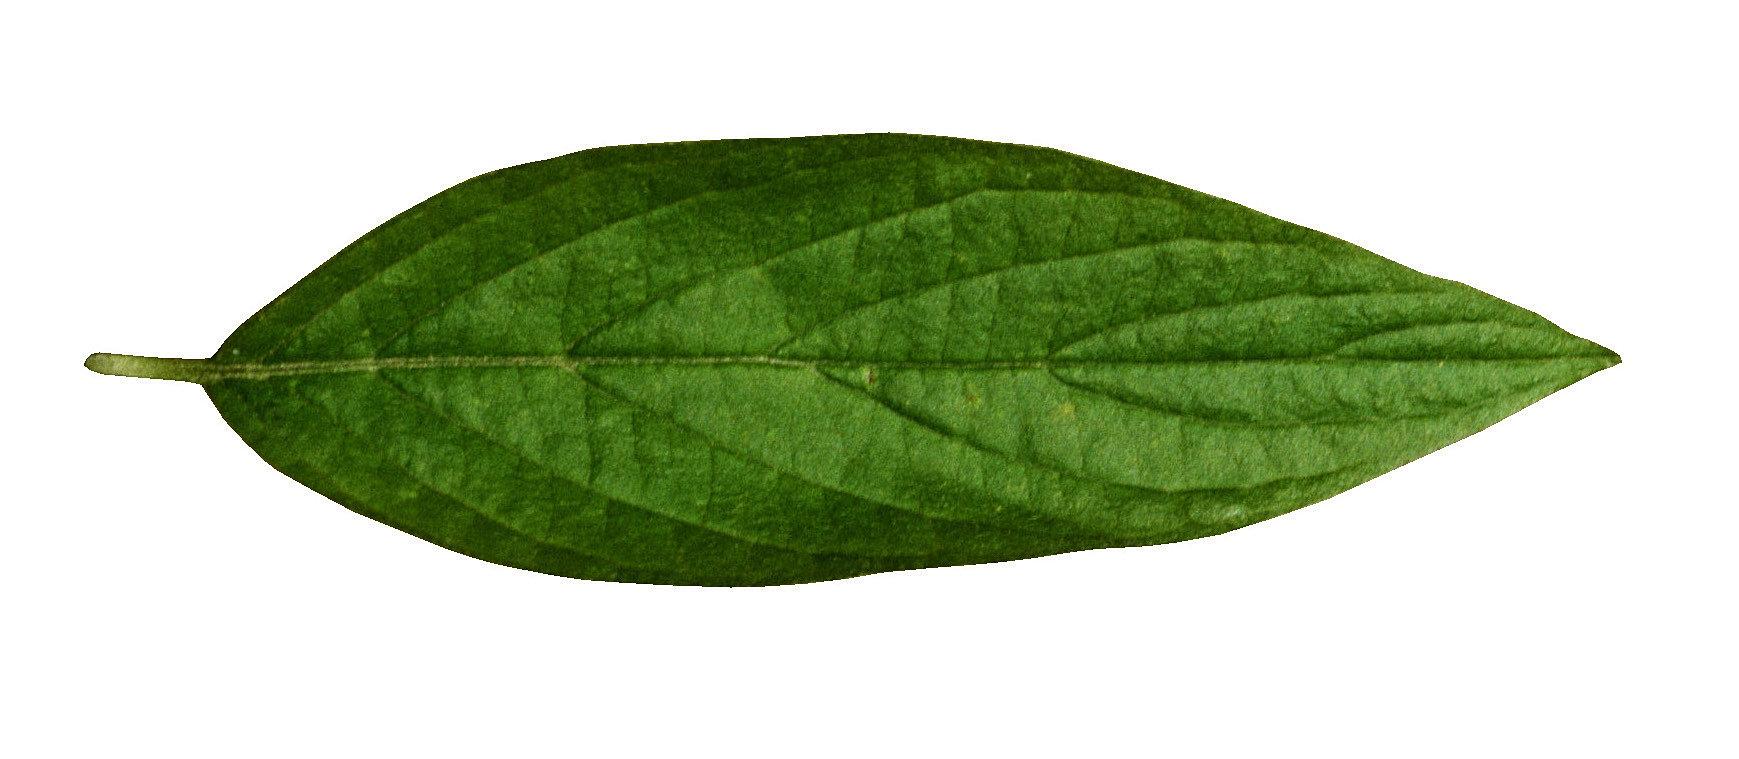 Форма листя дерев фото 13 фотография